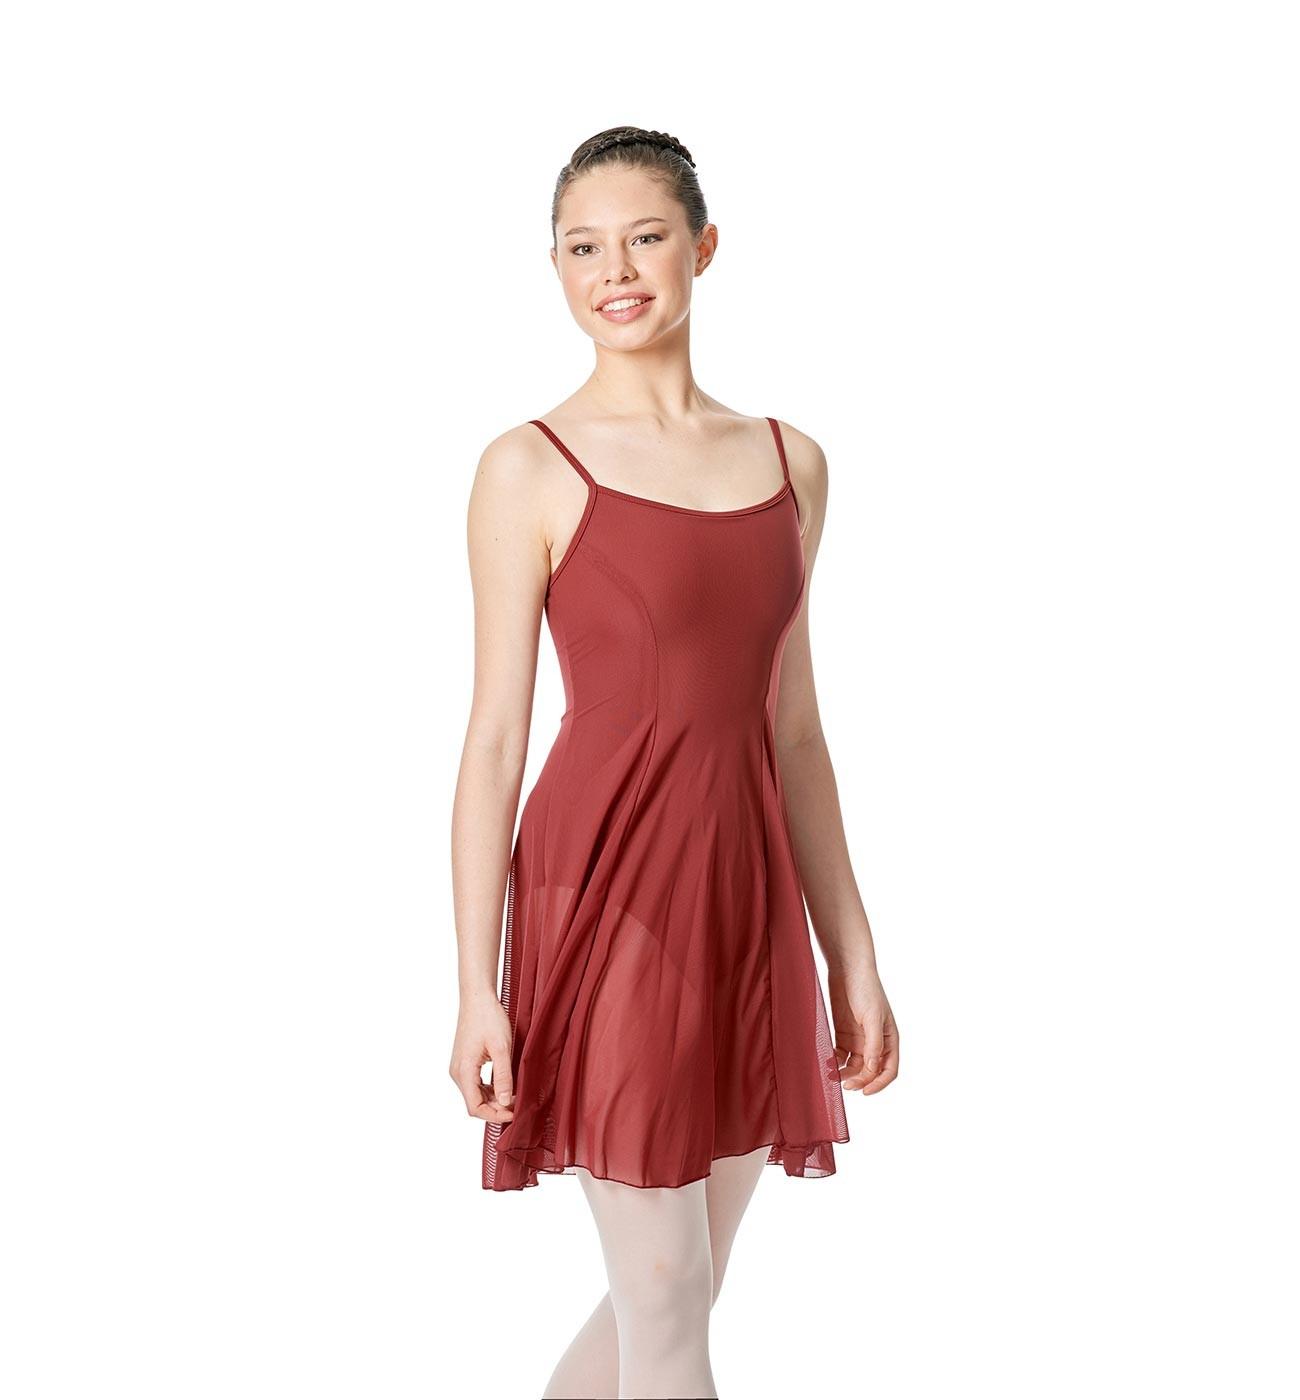 בורדו שמלת בלט Natalie של Lulli עם שמלת רשת שקופה LUB255